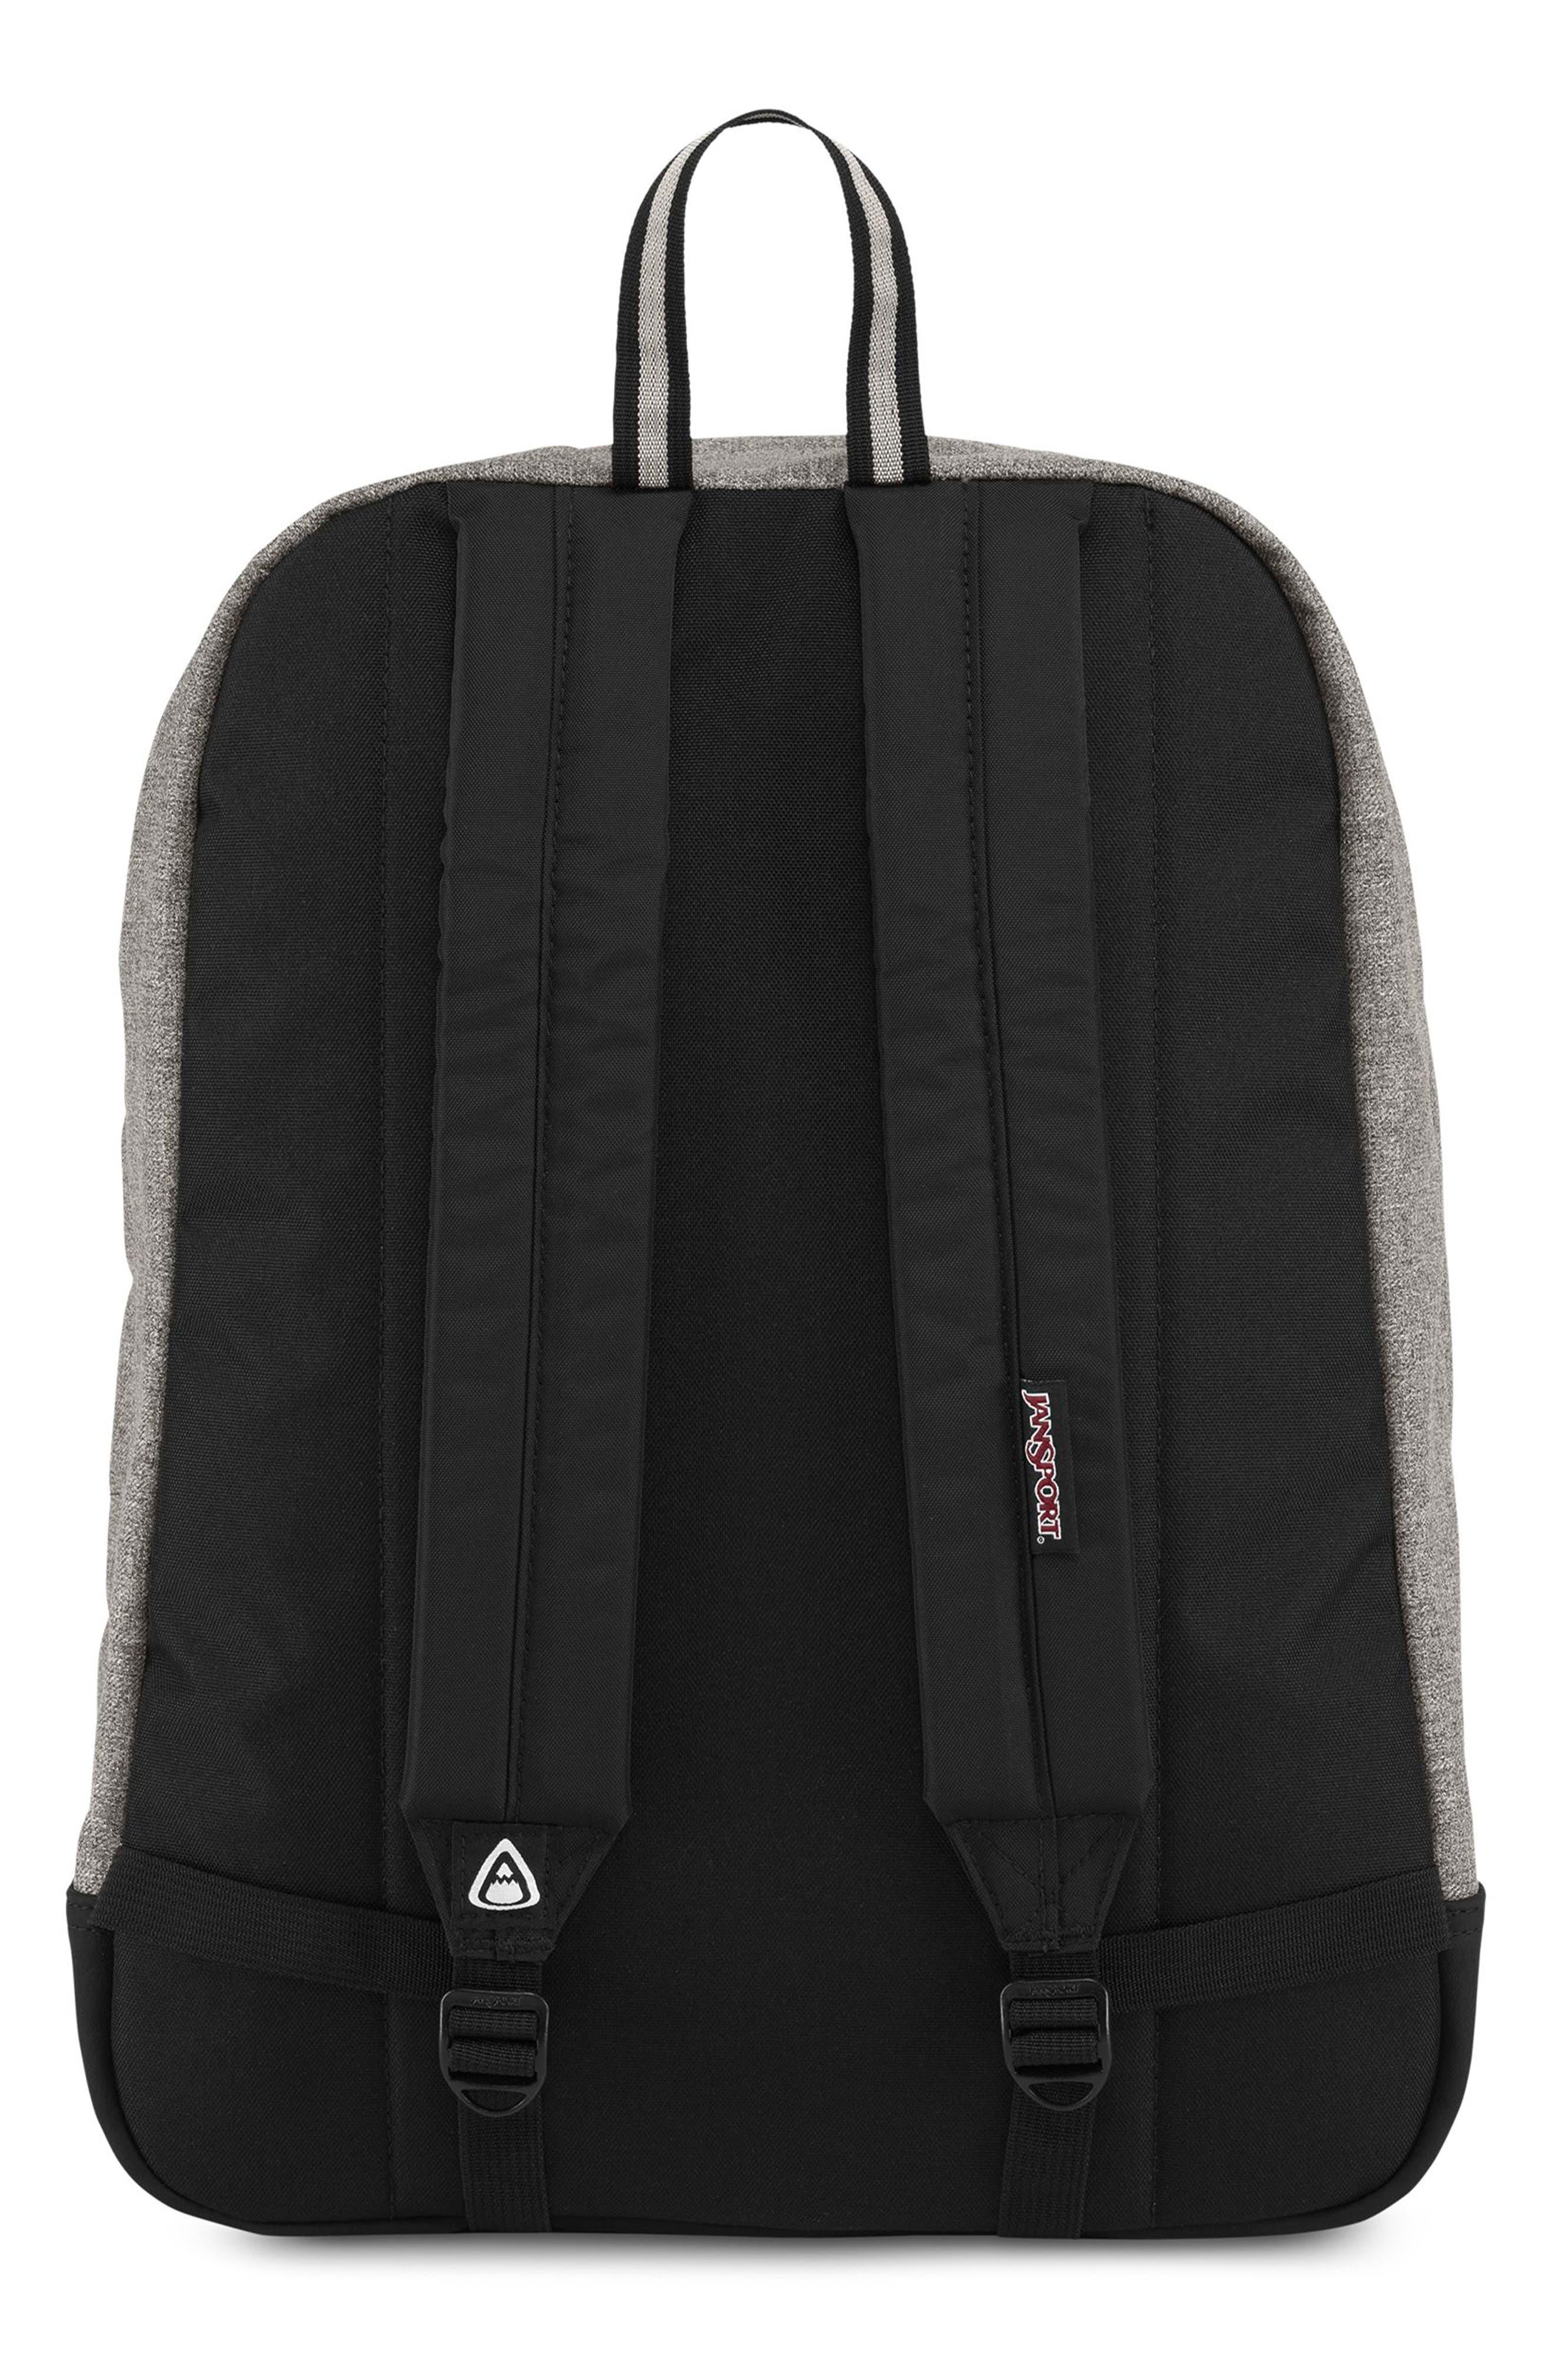 Alternate Image 2  - Jansport Super FX DL Backpack